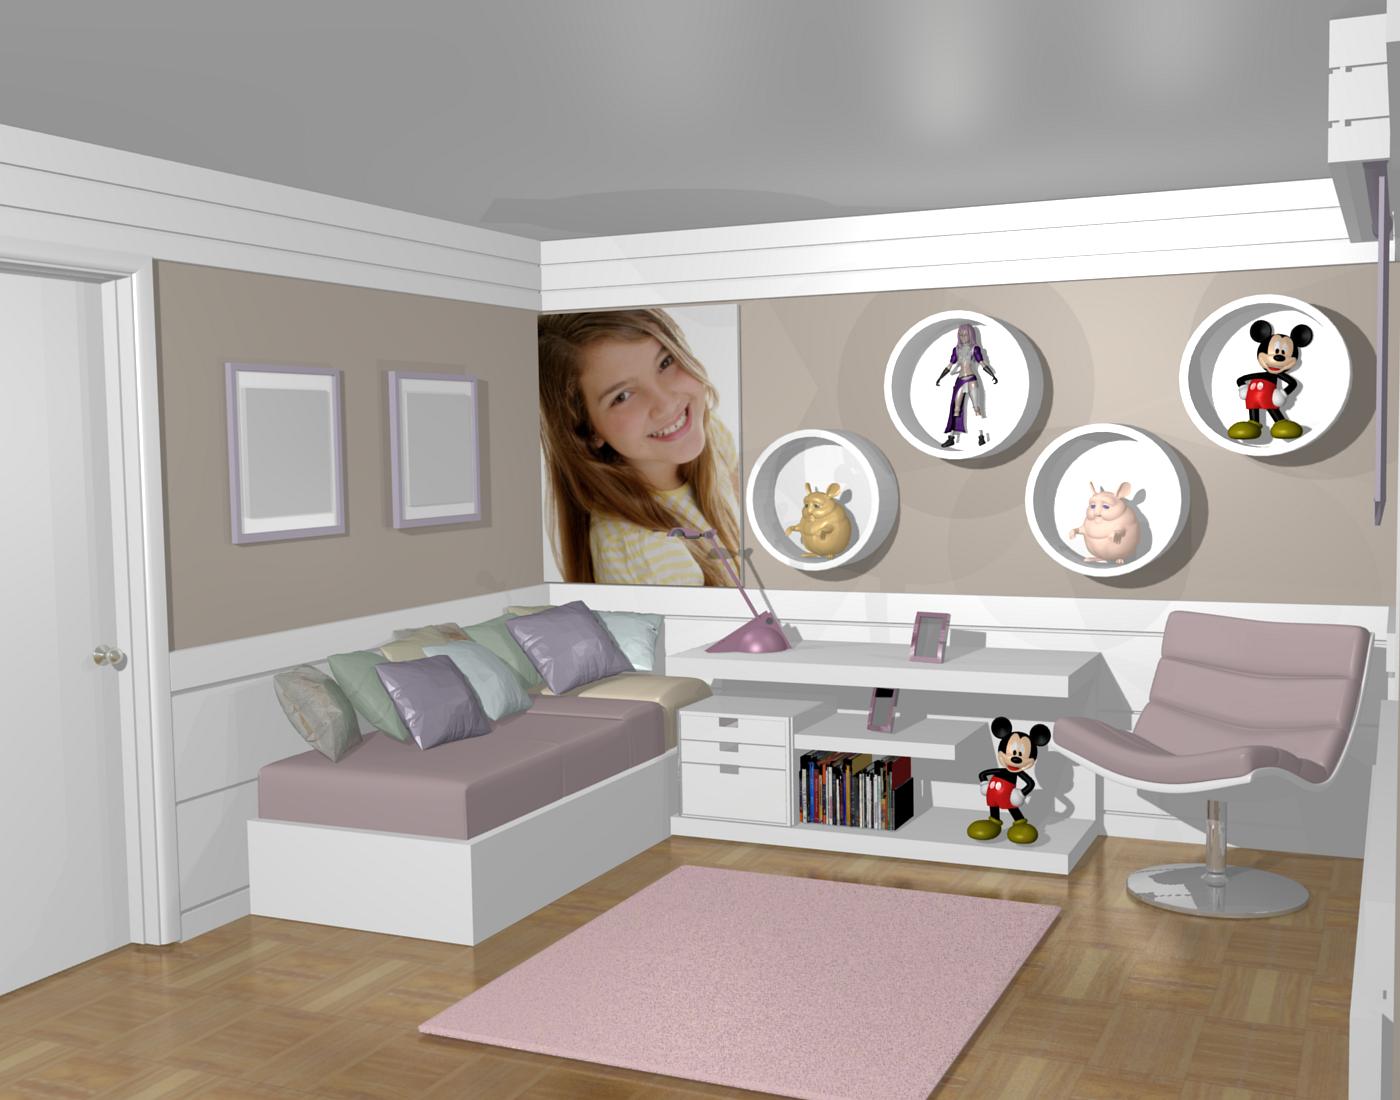 #301E13 pequeno para bebe para madeira moveis cozinha marcenaria porta de  1400x1100 px Como Fazer Seu Projeto De Cozinha_3073 Imagens